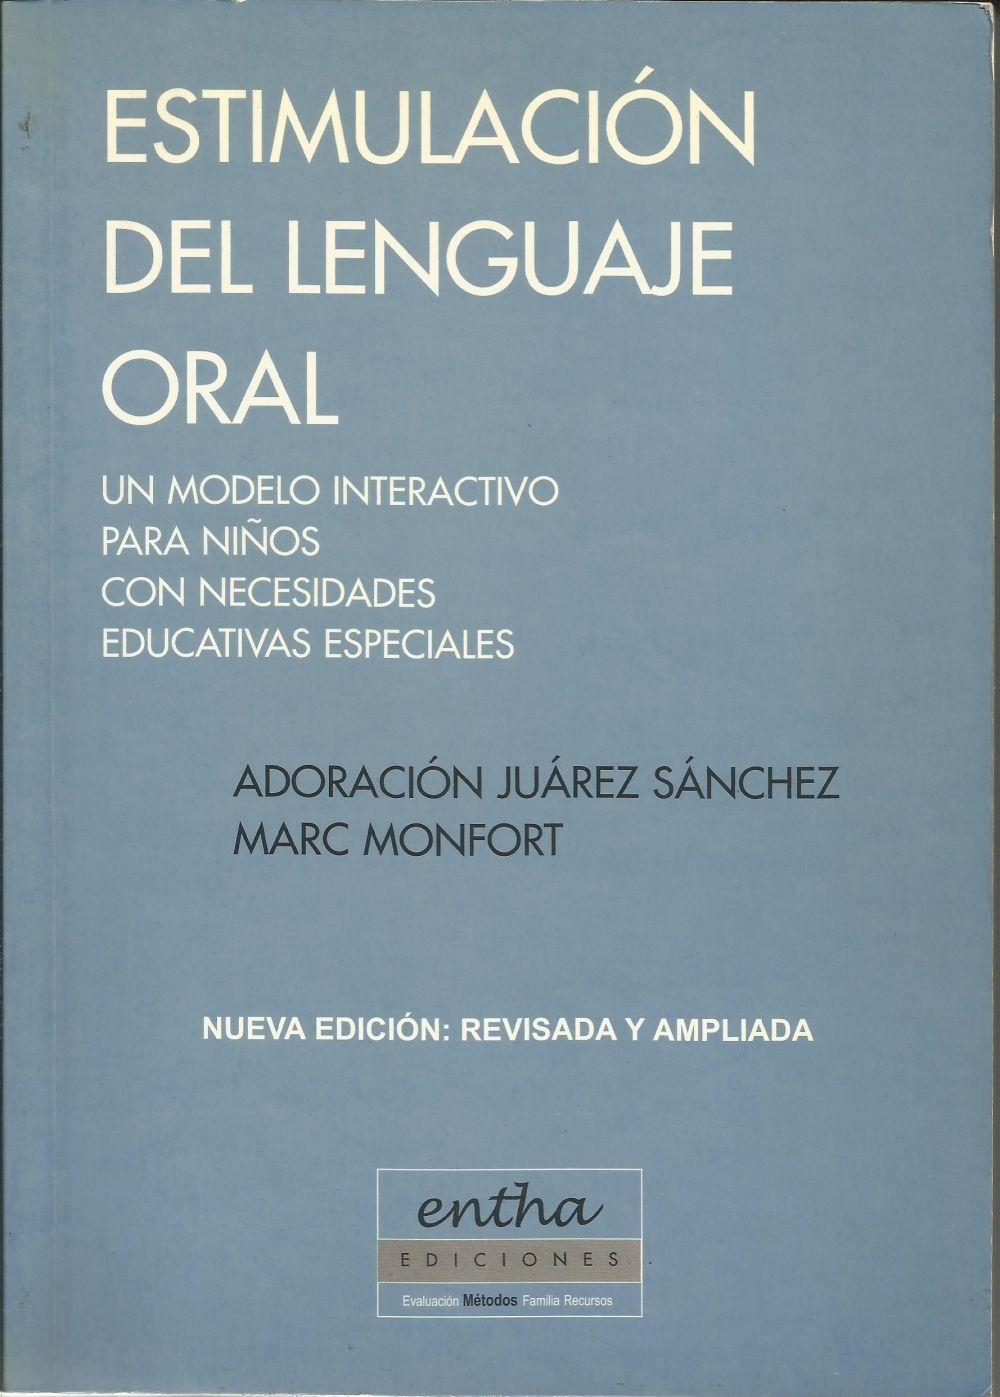 Estimulación del lenguaje oral : Un modelo interactivo para niños con necesidades educativas especiales / Adoración Juárez Sánchez, Marc Monfort Nueva ed. rev. y amp Madrid : Entha, D.L. 2001 http://absysnet.bbtk.ull.es/cgi-bin/abnetopac?TITN=242564